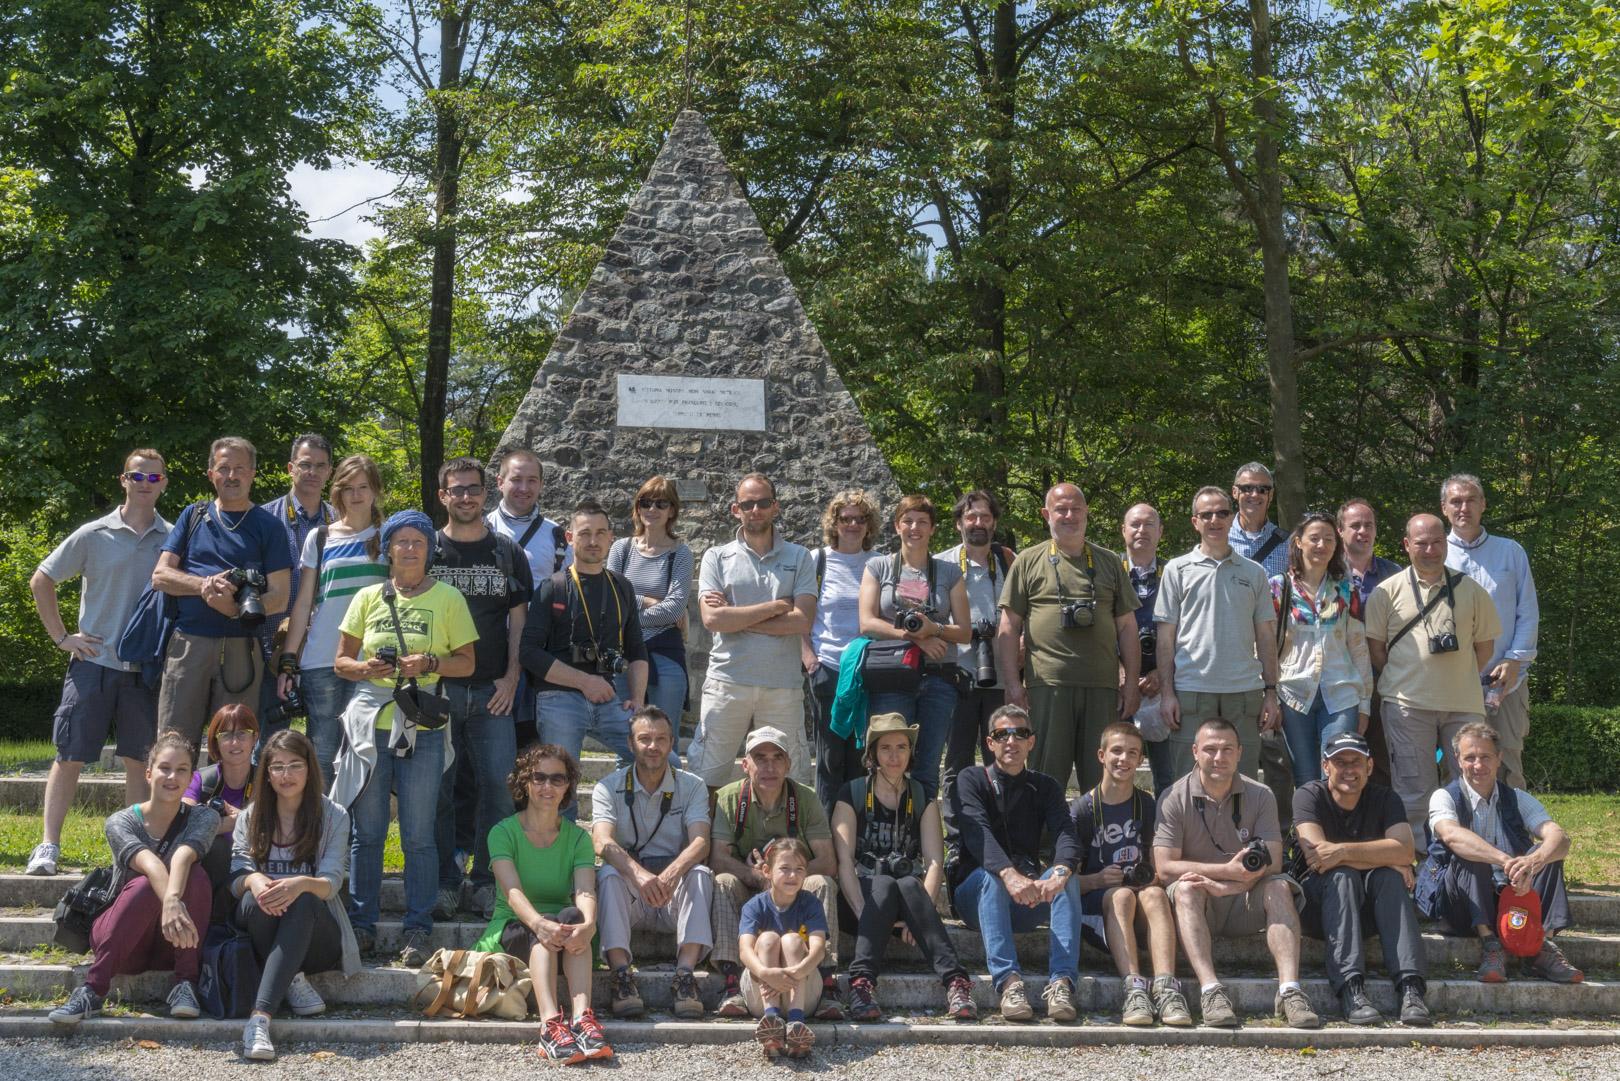 25 maggio 2014 foto di gruppo dei partecipanti al corso base di fotografia (digitale) uscita pratica all'isola dei morti di Moriago della Battaglia (TV)